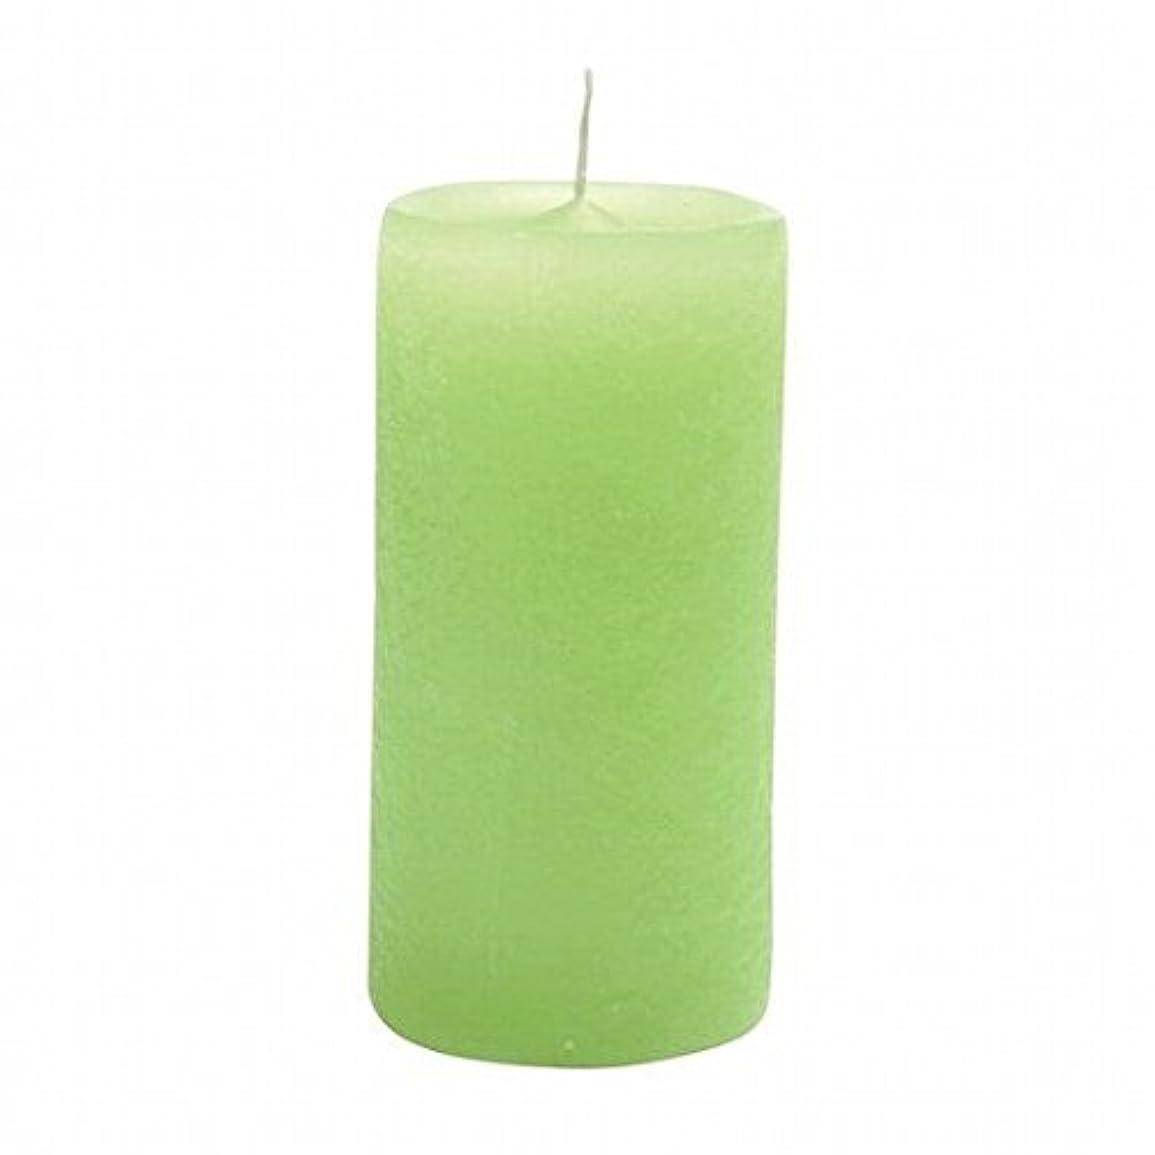 ライナーイソギンチャク櫛YANKEE CANDLE(ヤンキーキャンドル) ラスティクピラー50×100 「 ライトグリーン 」(A4930020LG)